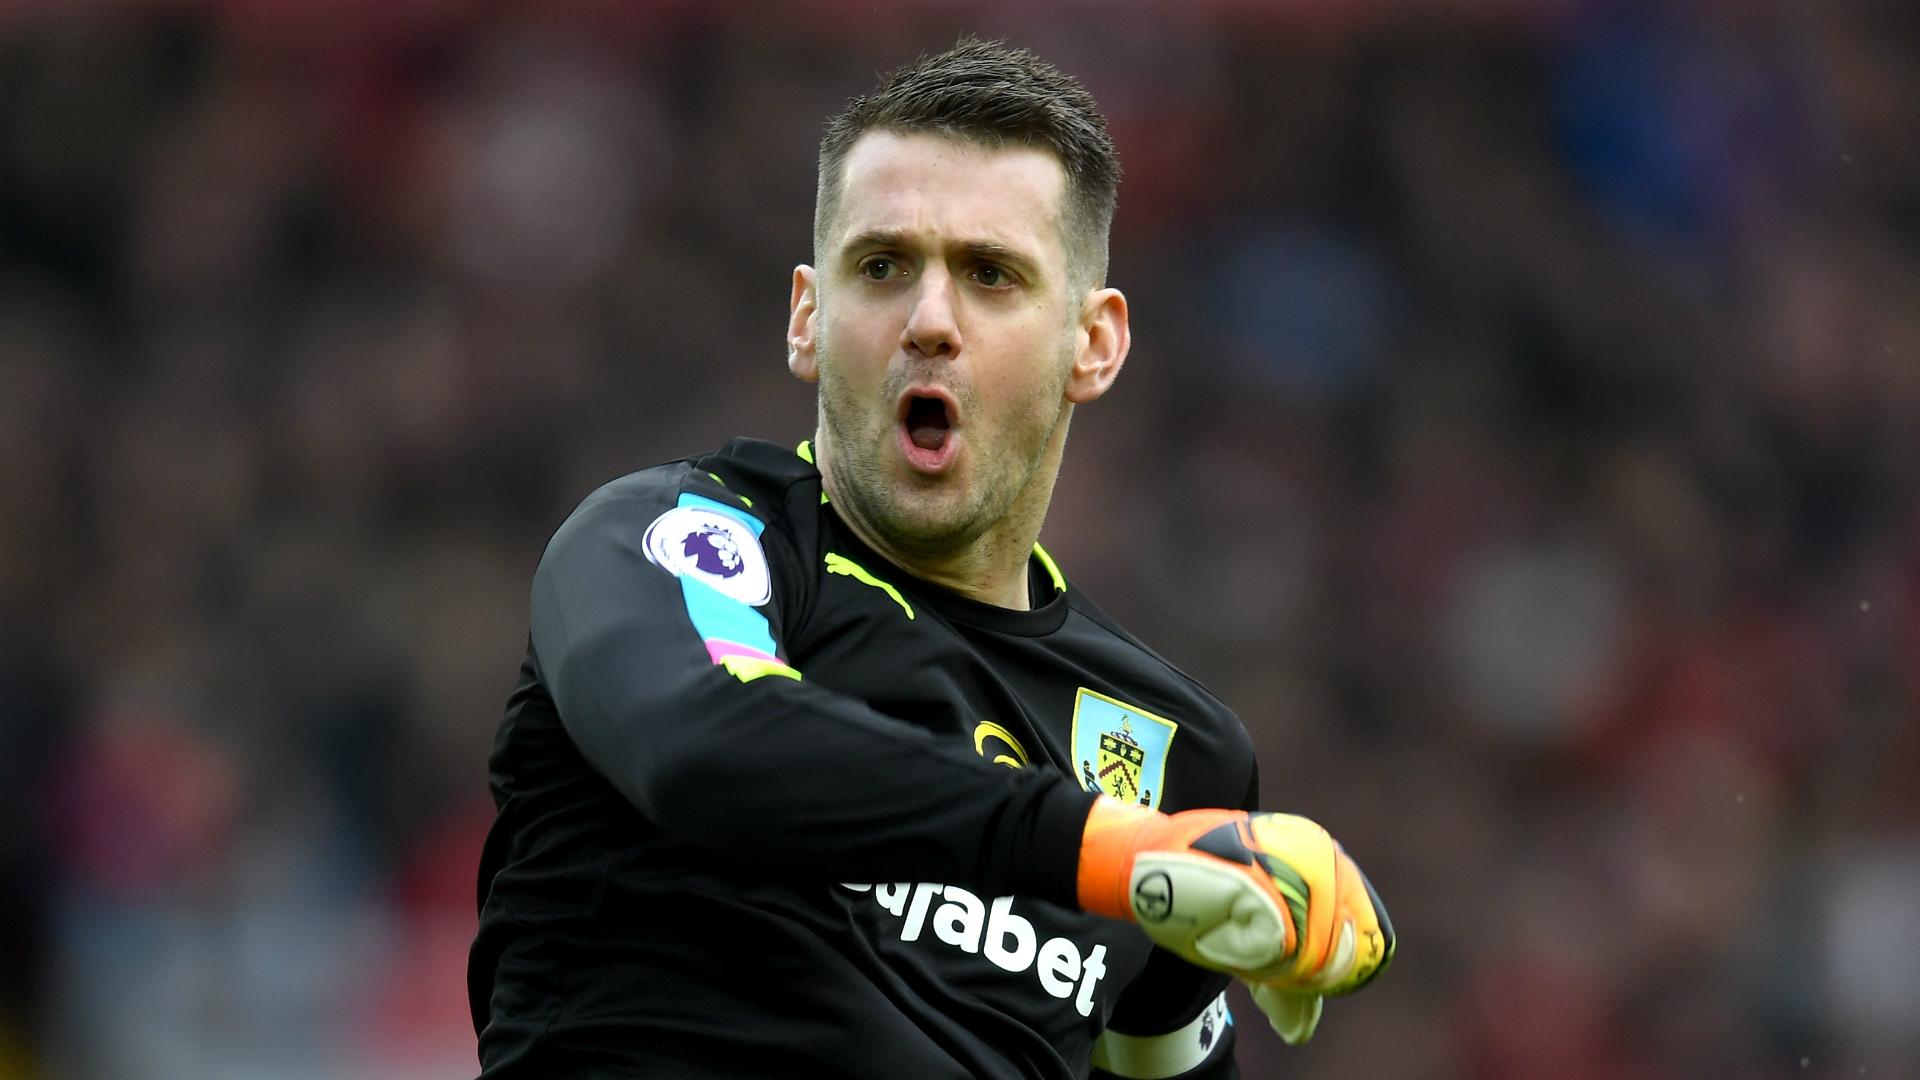 Aston Villa sign Heaton from Burnley